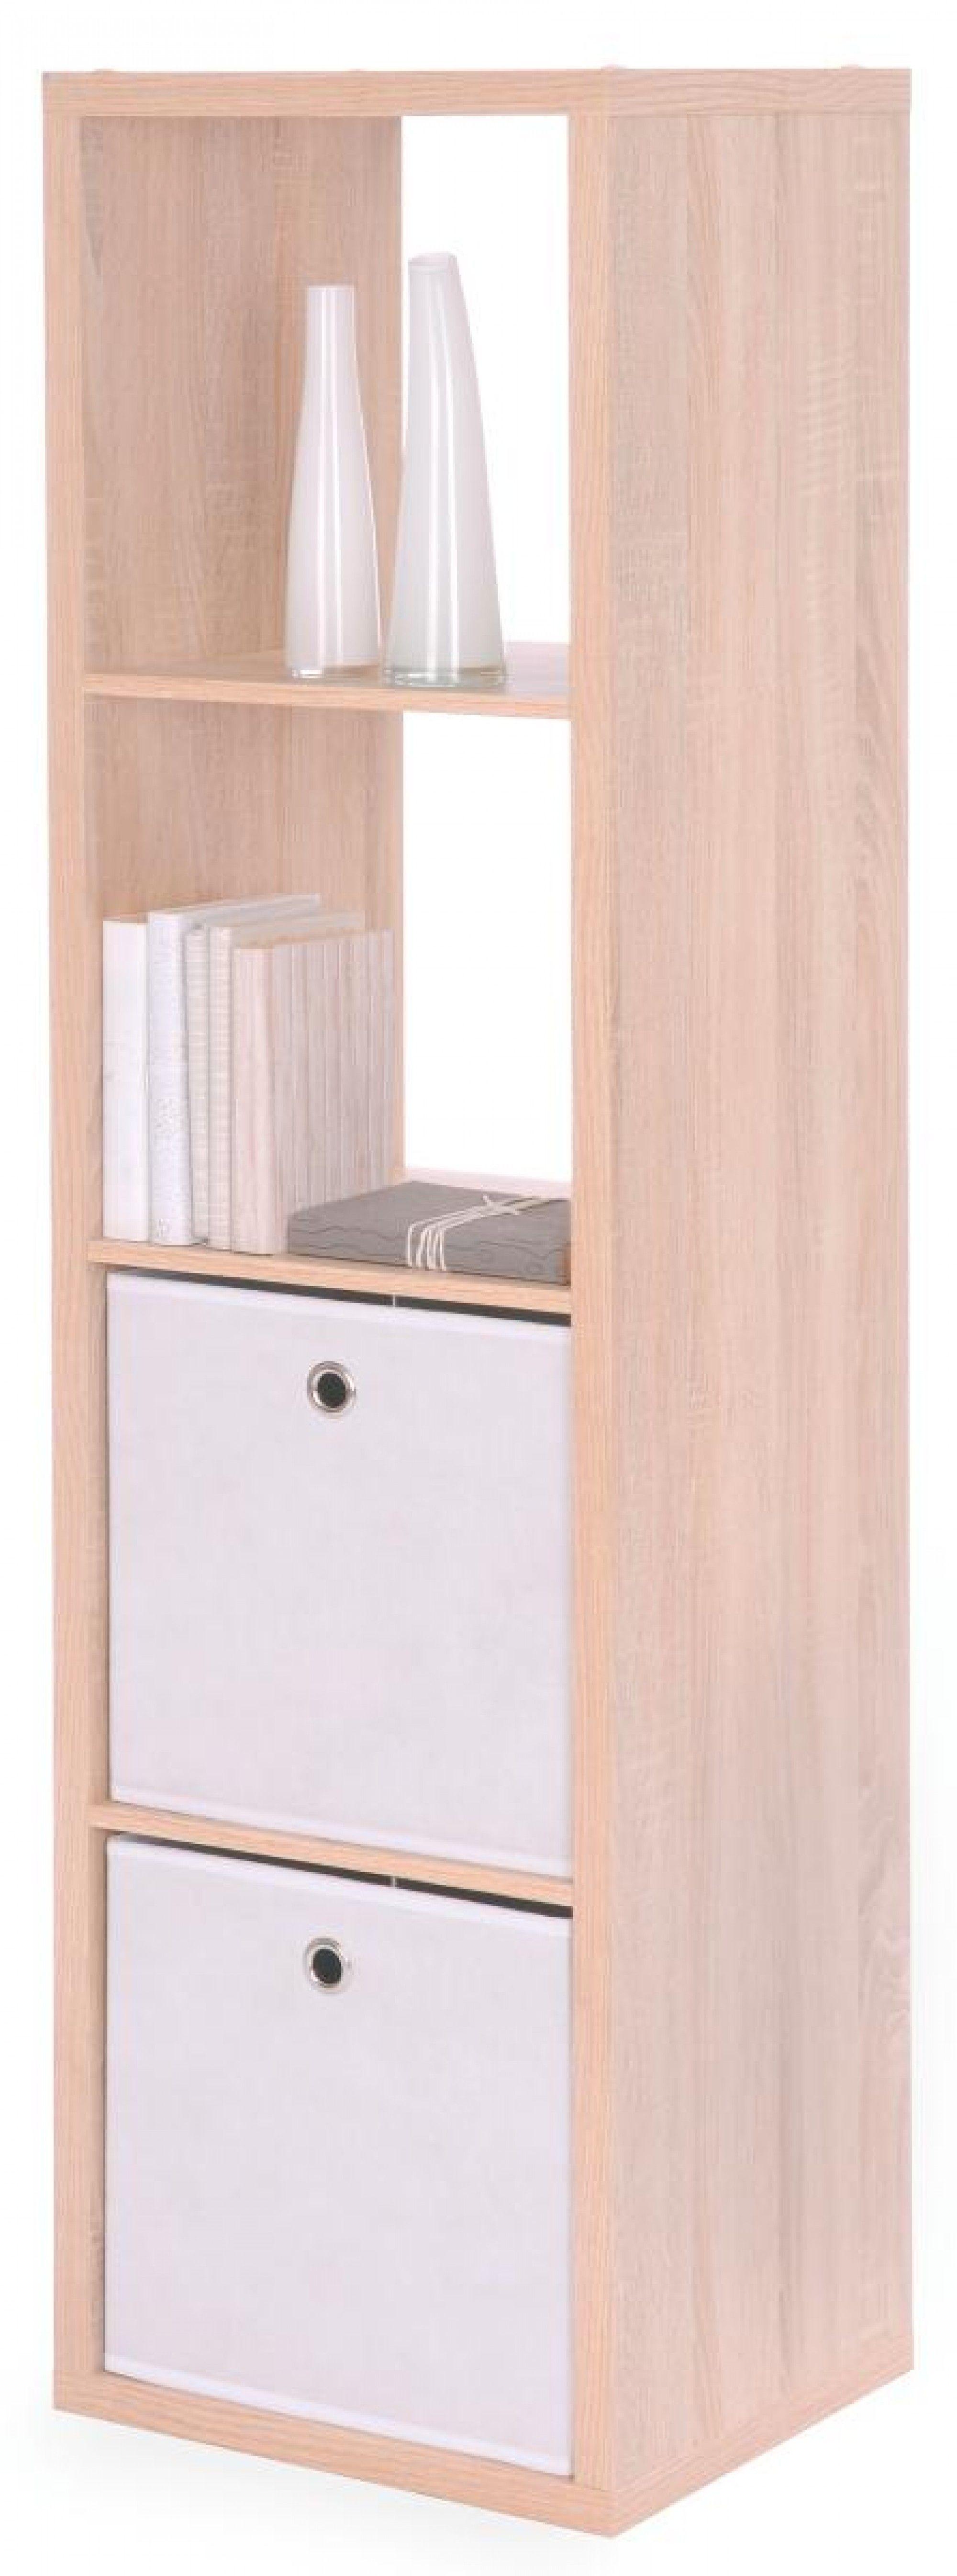 4er Max Online Regal Regale Saule Sonomaeiche Regal Max 4er Saule Sonoma Eiche Regale Online Poco In 2020 Tall Cabinet Storage Locker Storage Home Decor